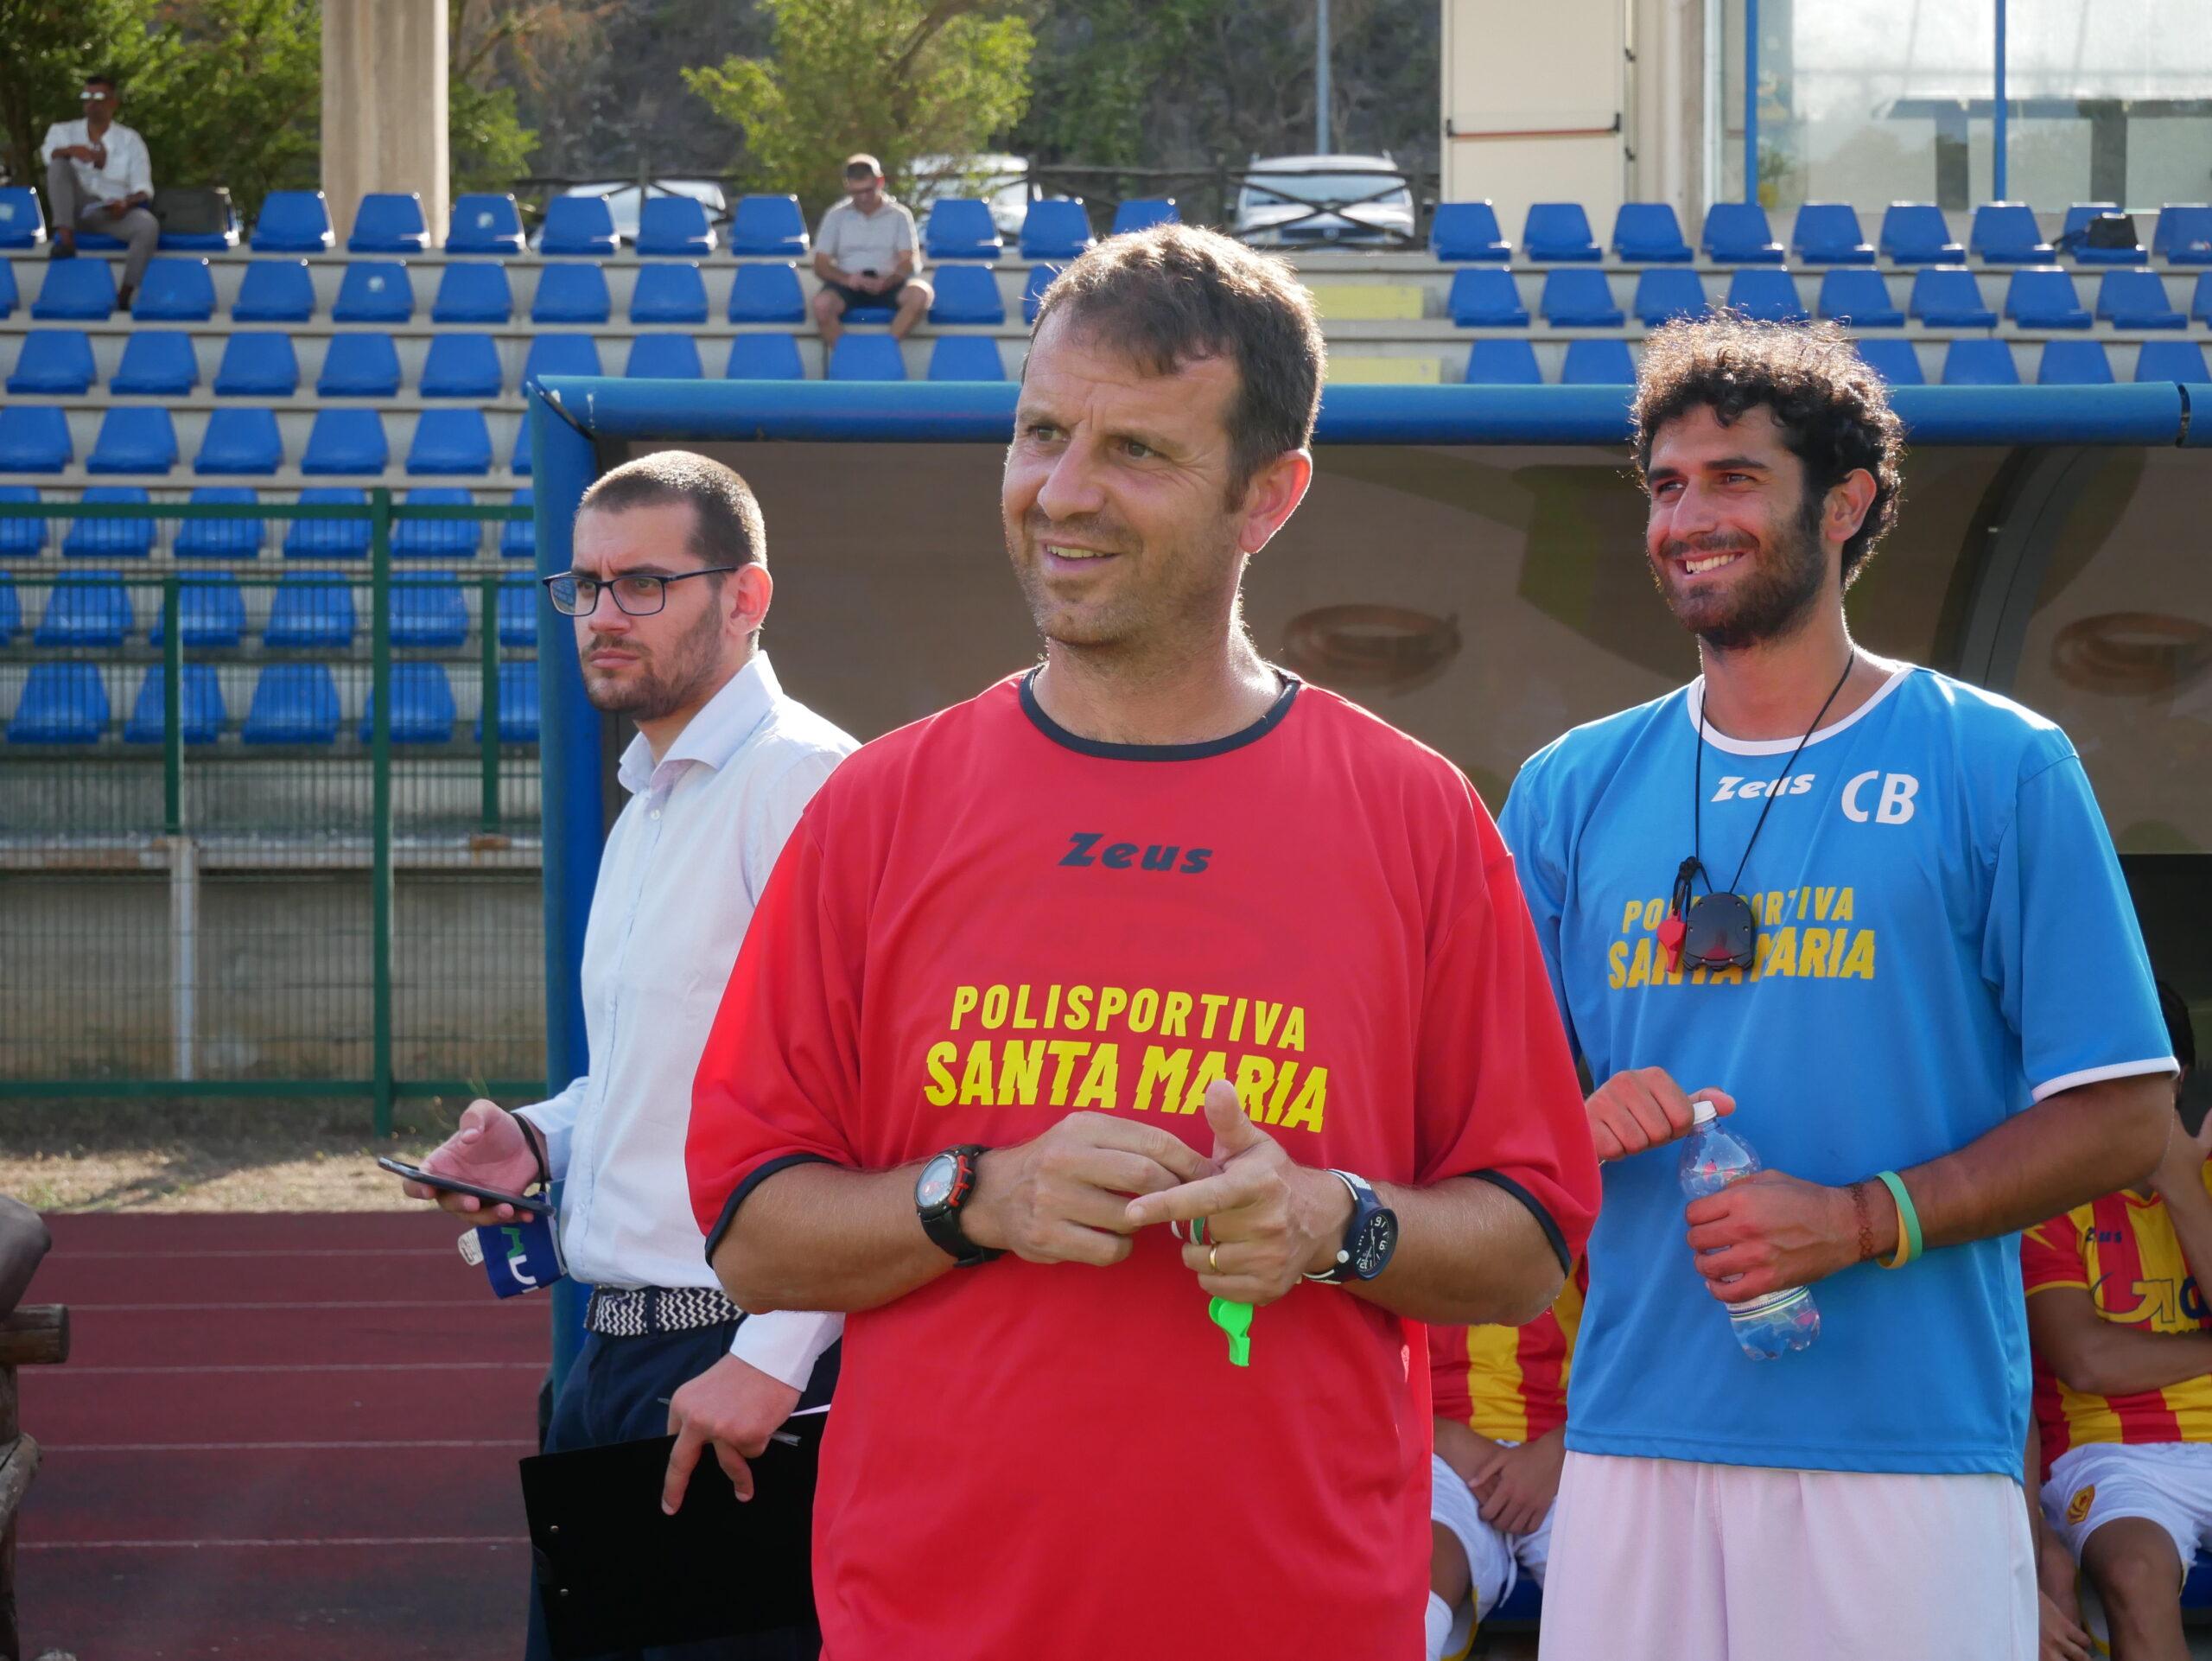 Polisportiva Santa Maria 0-2 Gelbison, la voce di Esposito